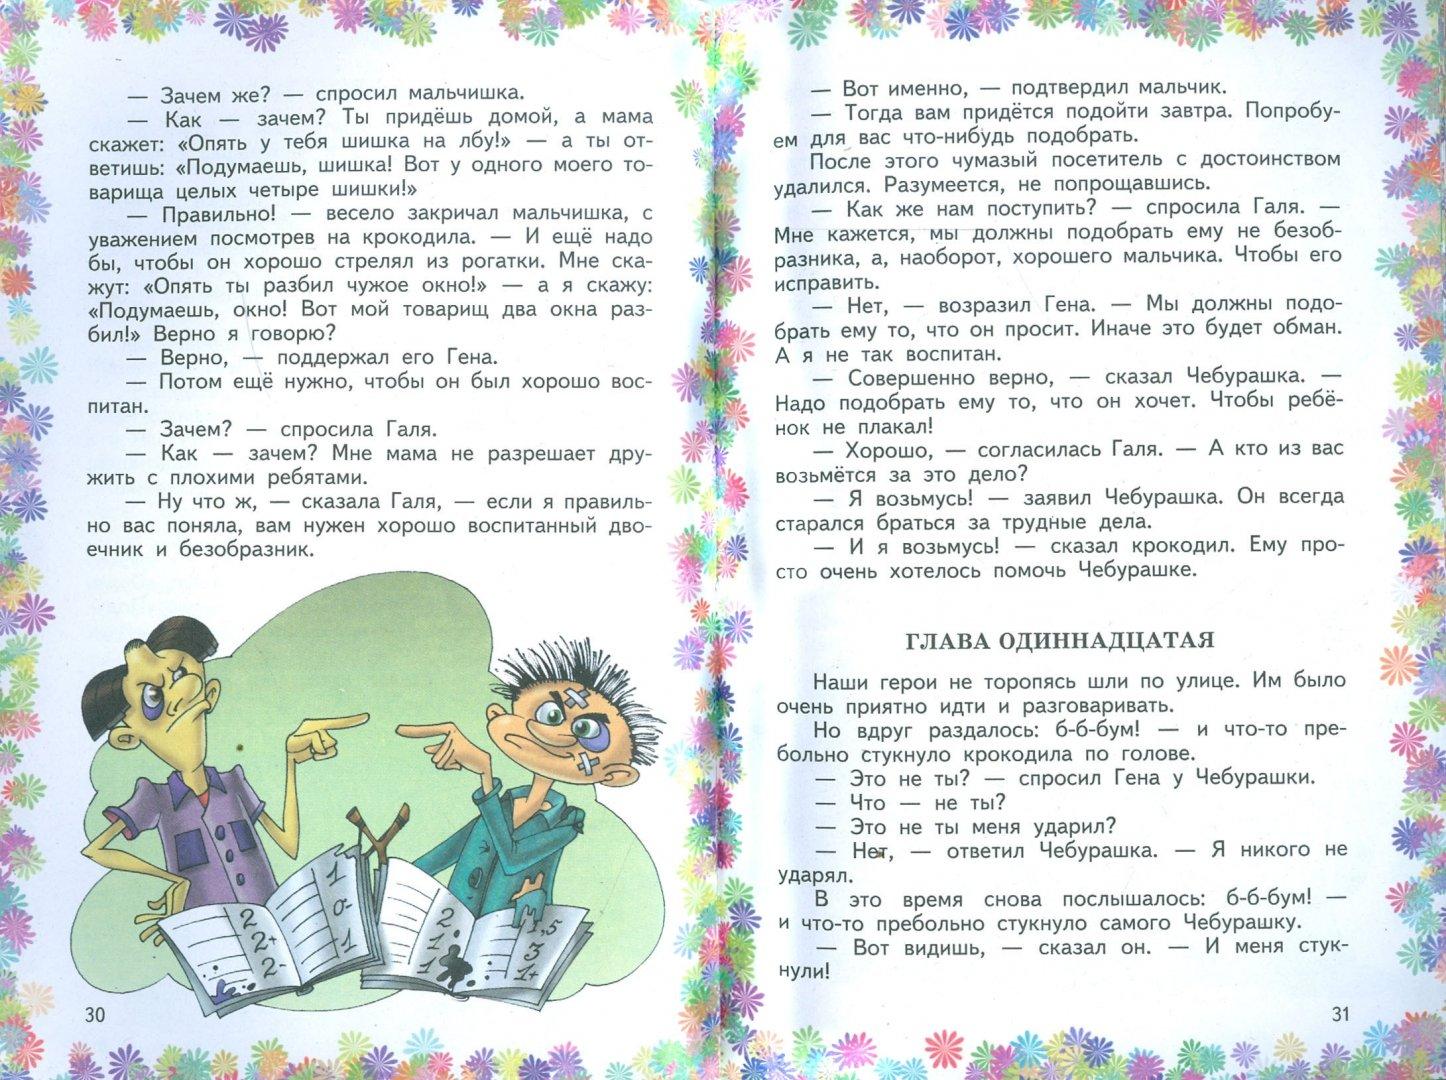 Иллюстрация 1 из 4 для Крокодил Гена и его друзья - Эдуард Успенский   Лабиринт - книги. Источник: Лабиринт